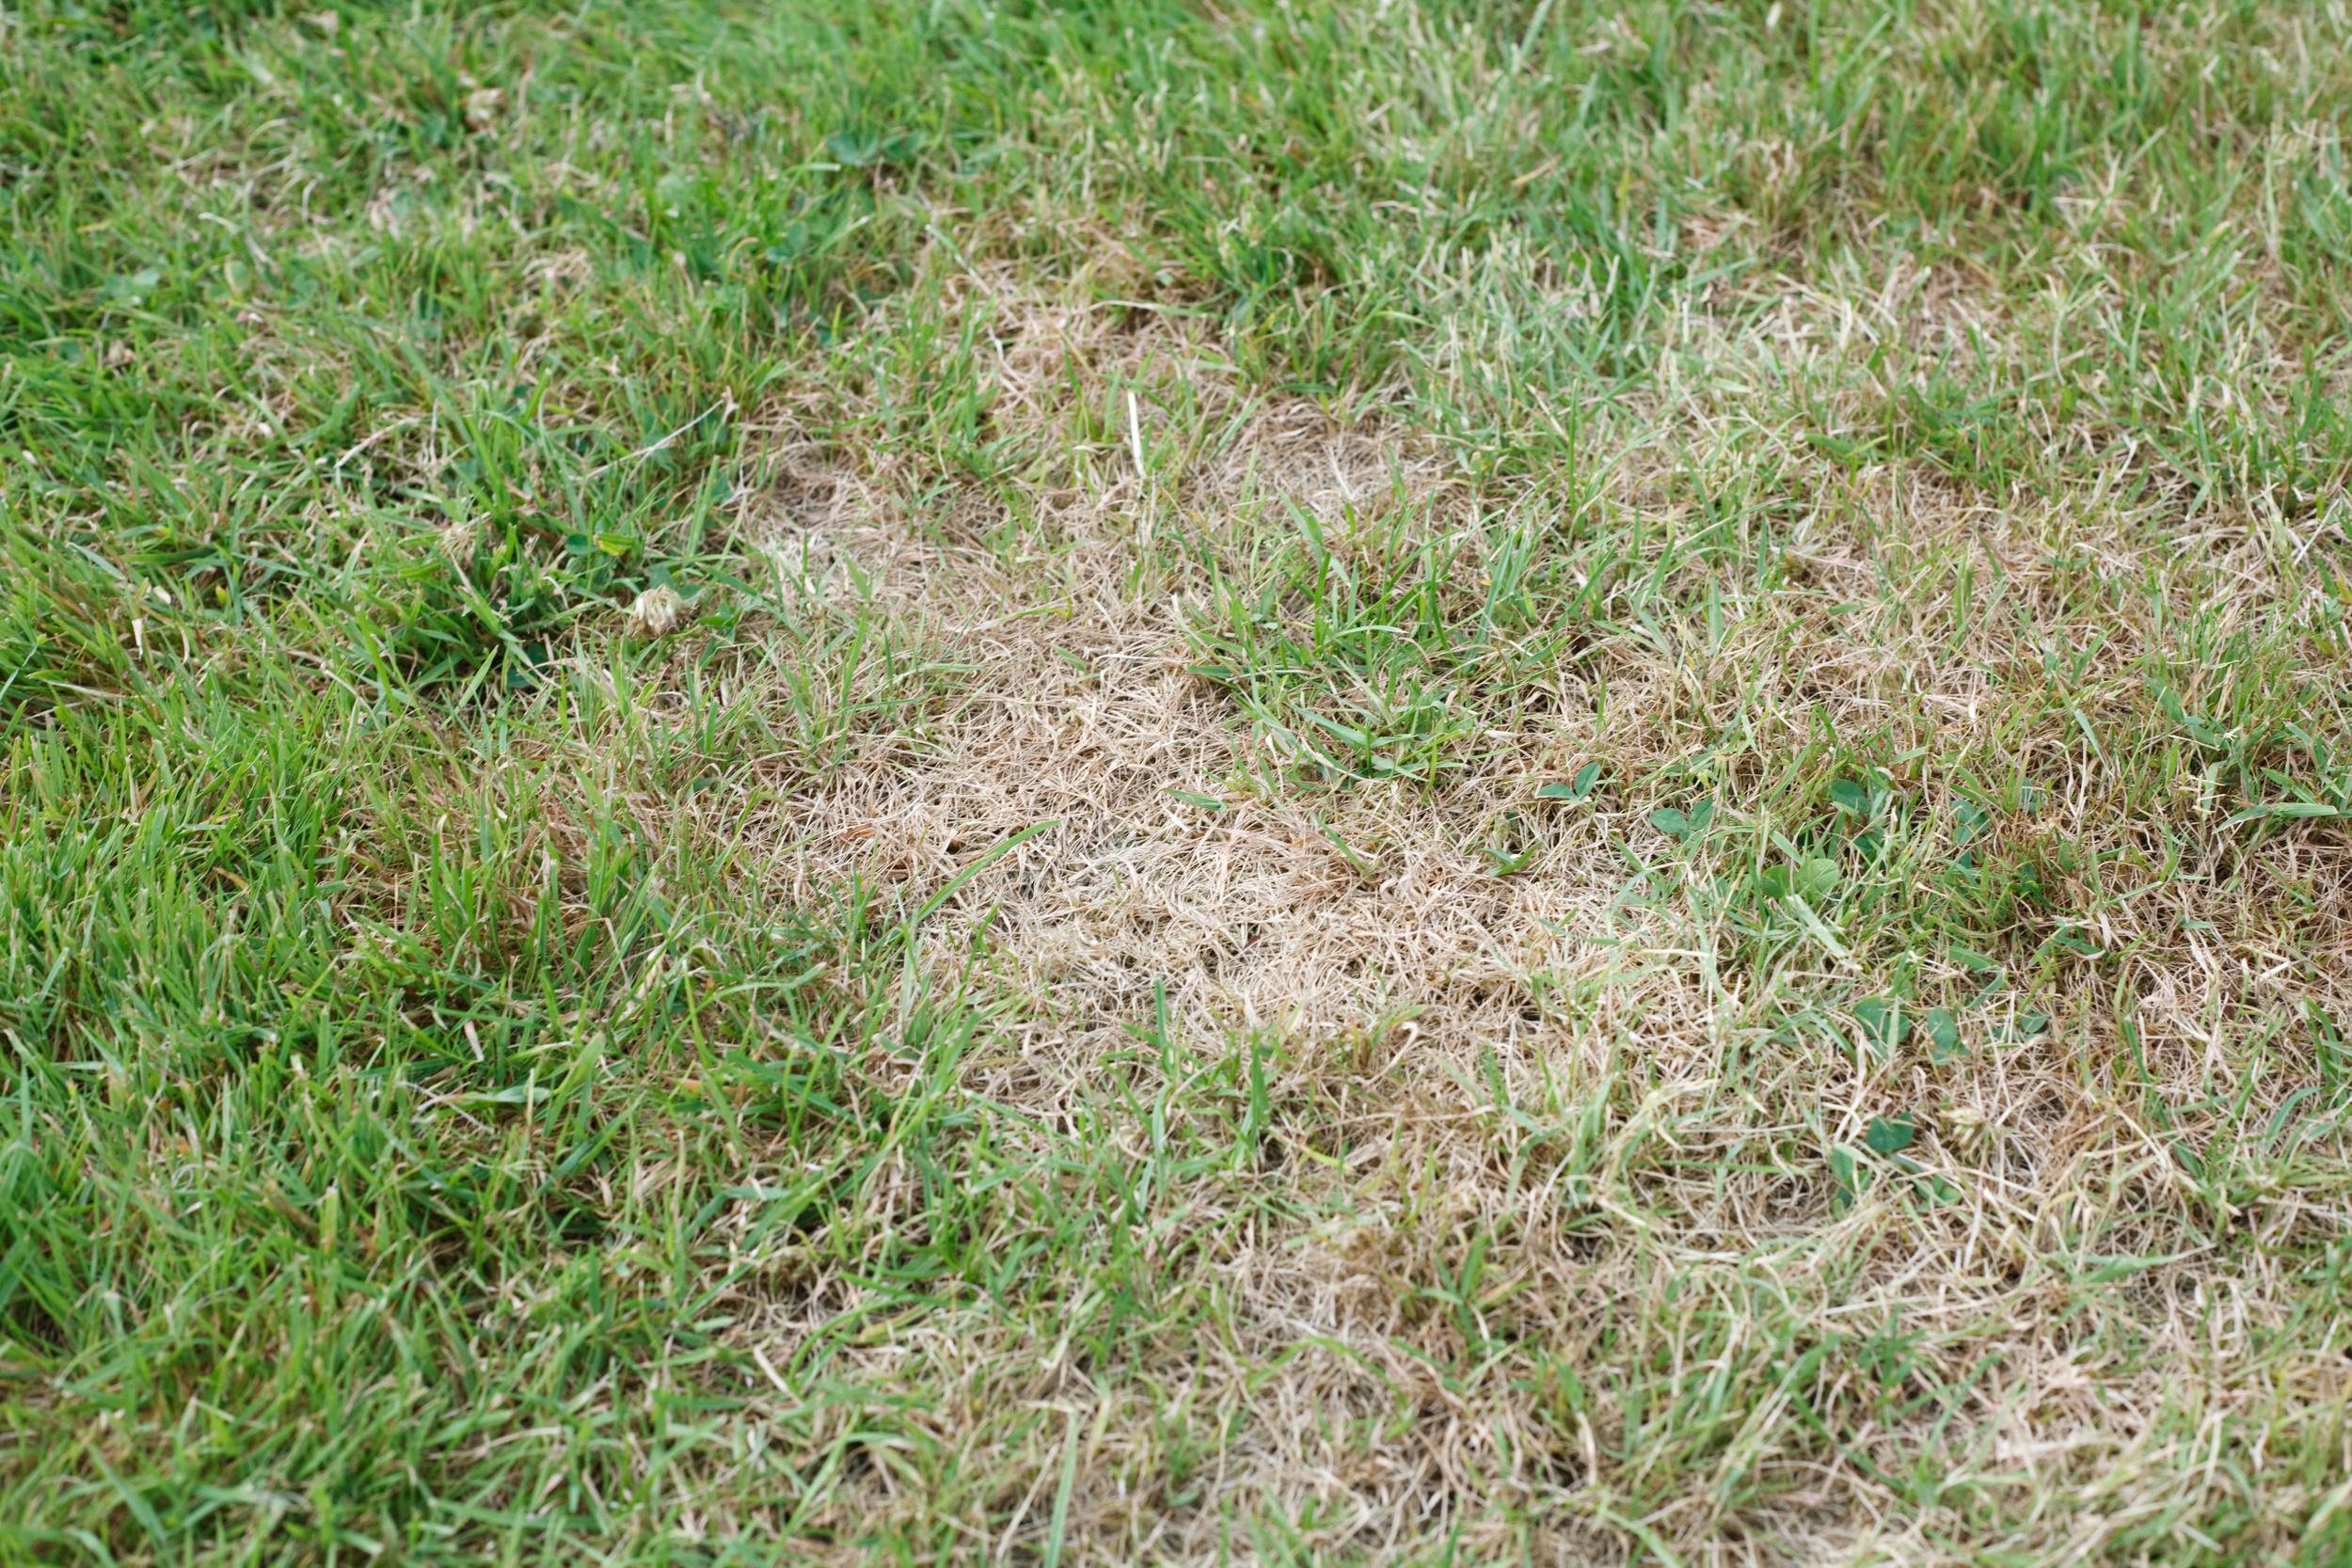 Redding Lawn Analysis